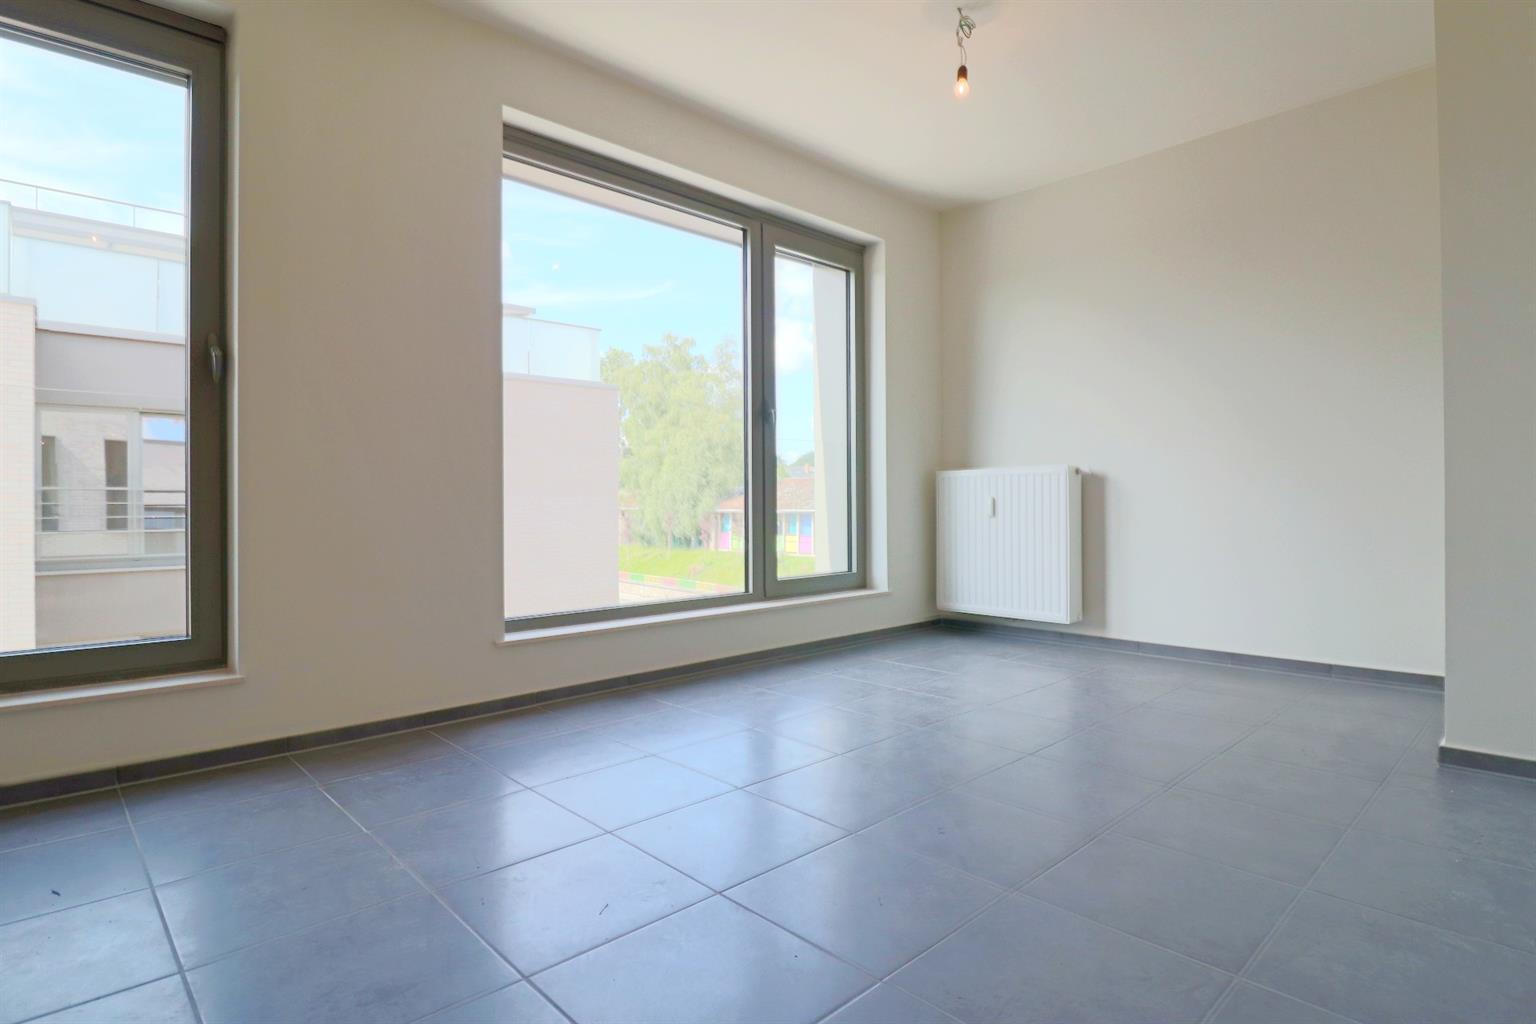 Appartement - Ottignies-Louvain-la-Neuve - #4406877-4